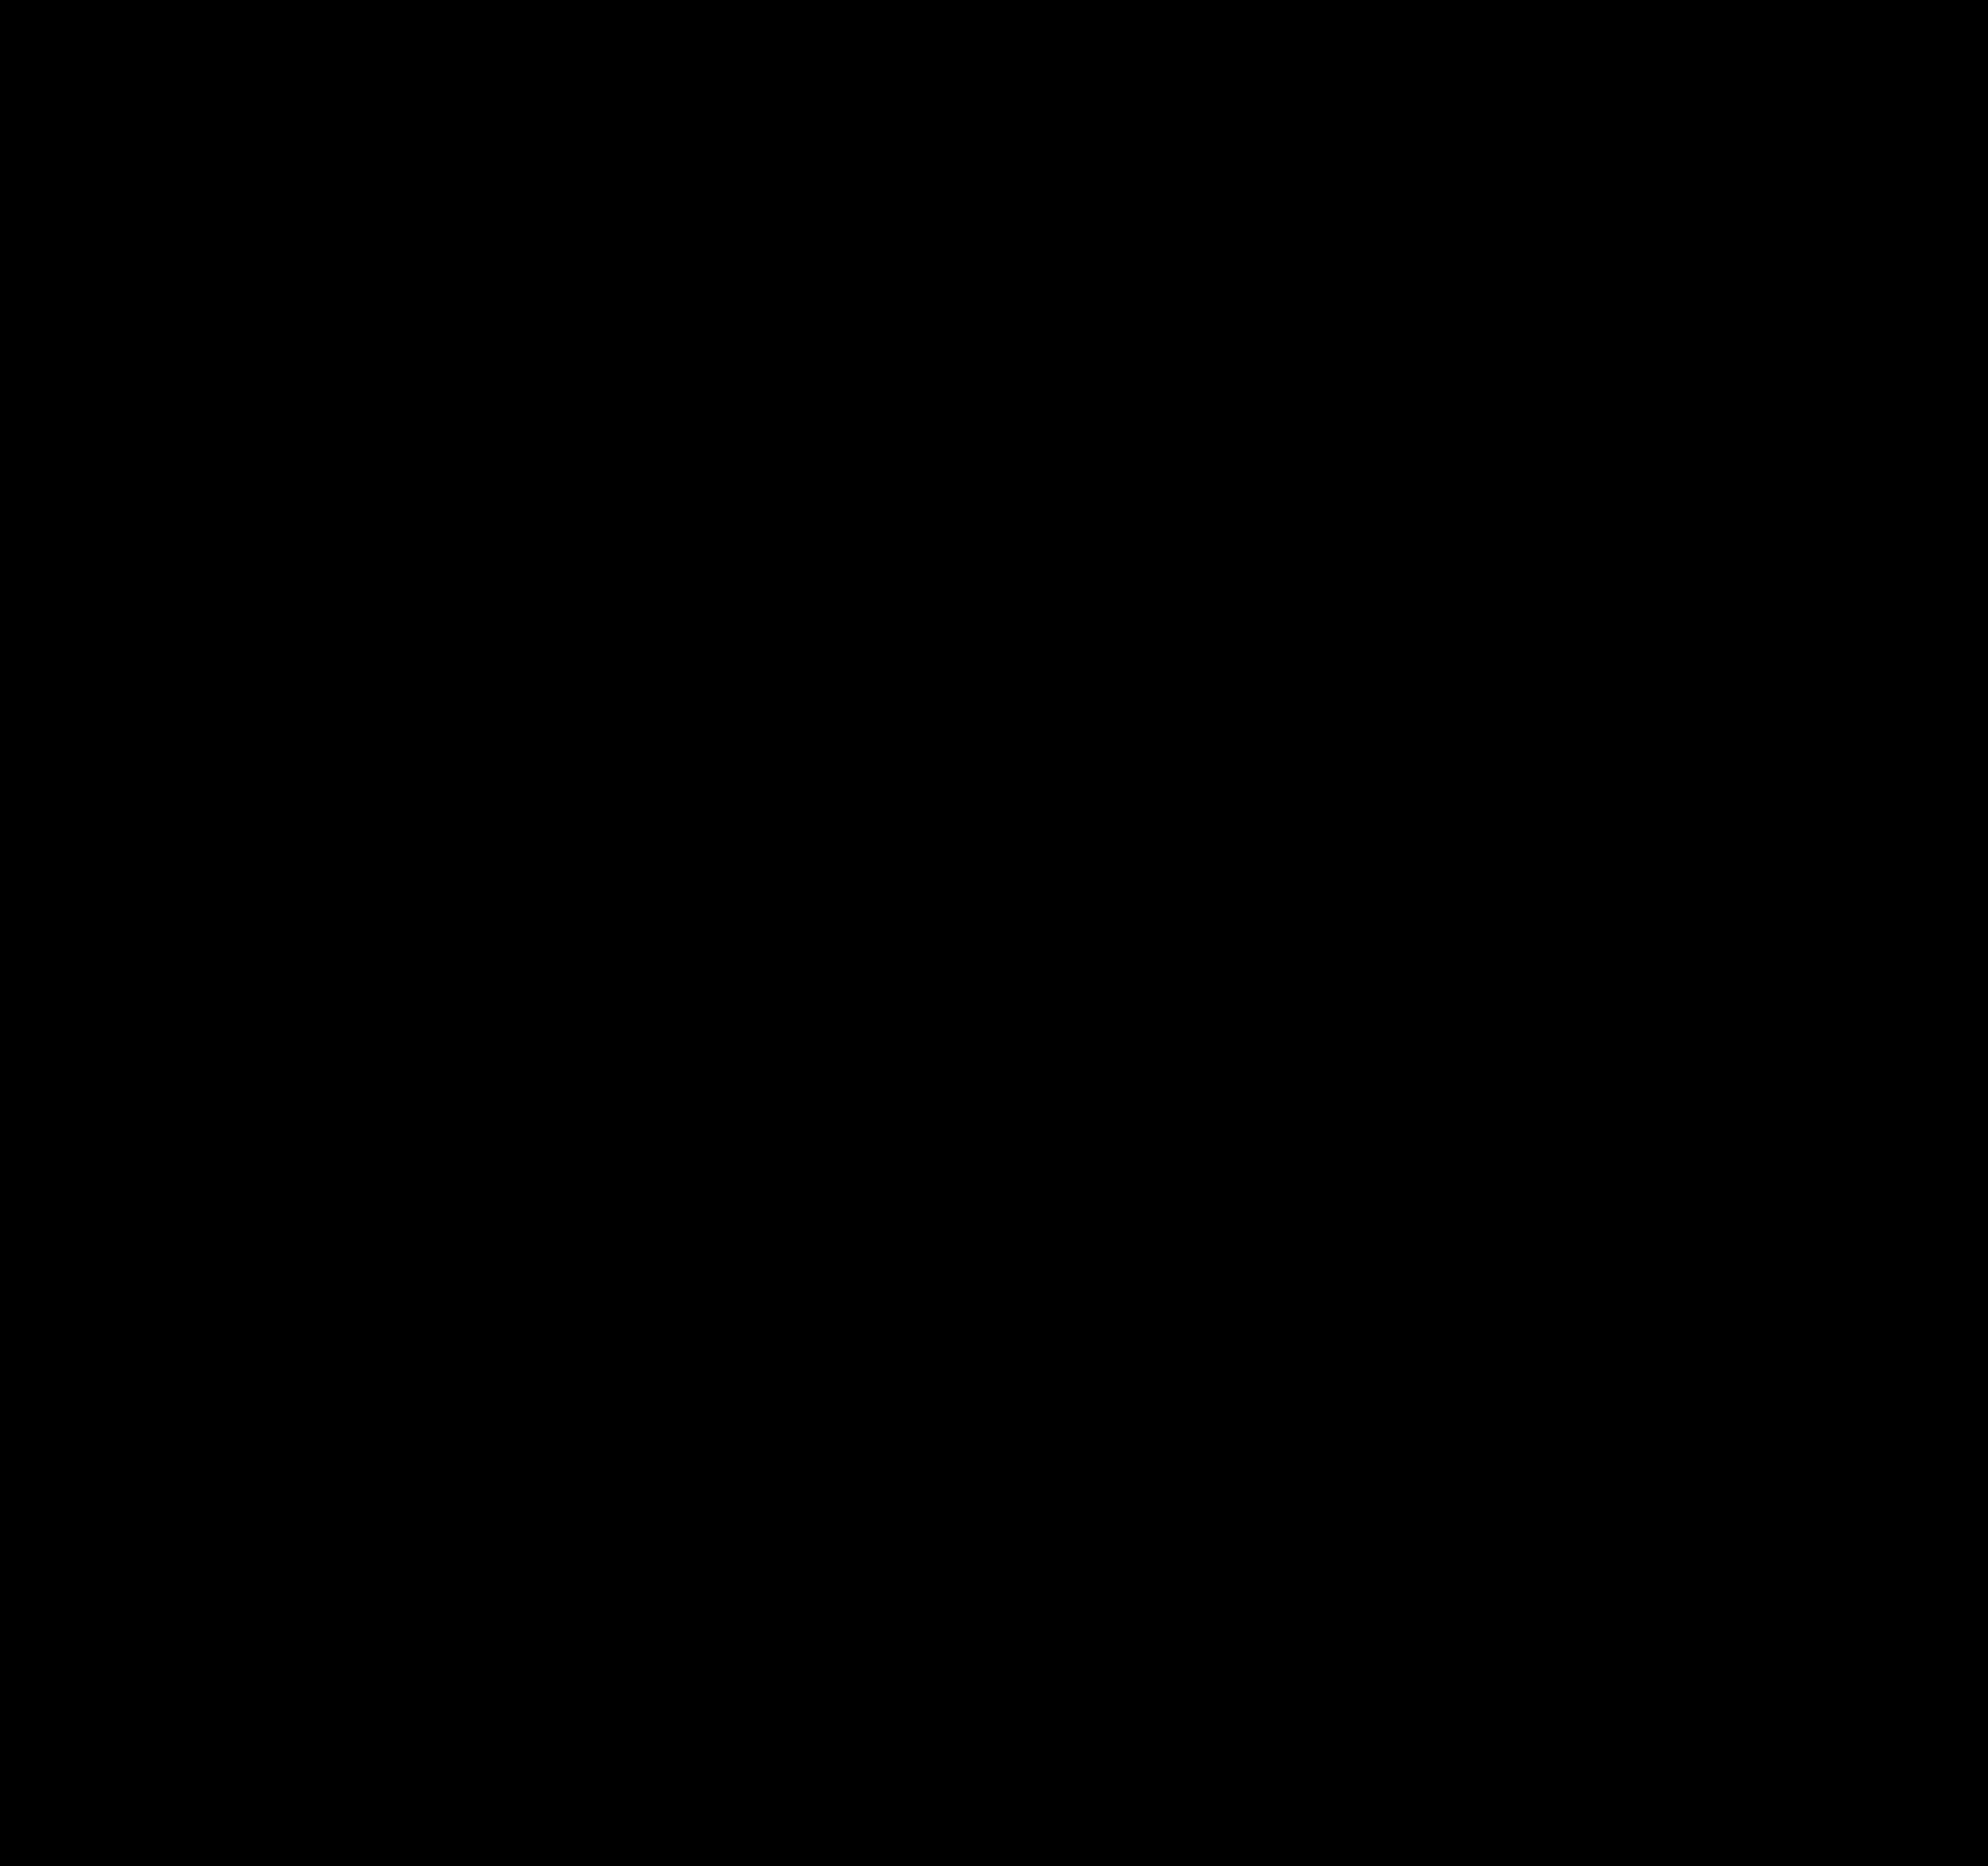 carptackle24.com